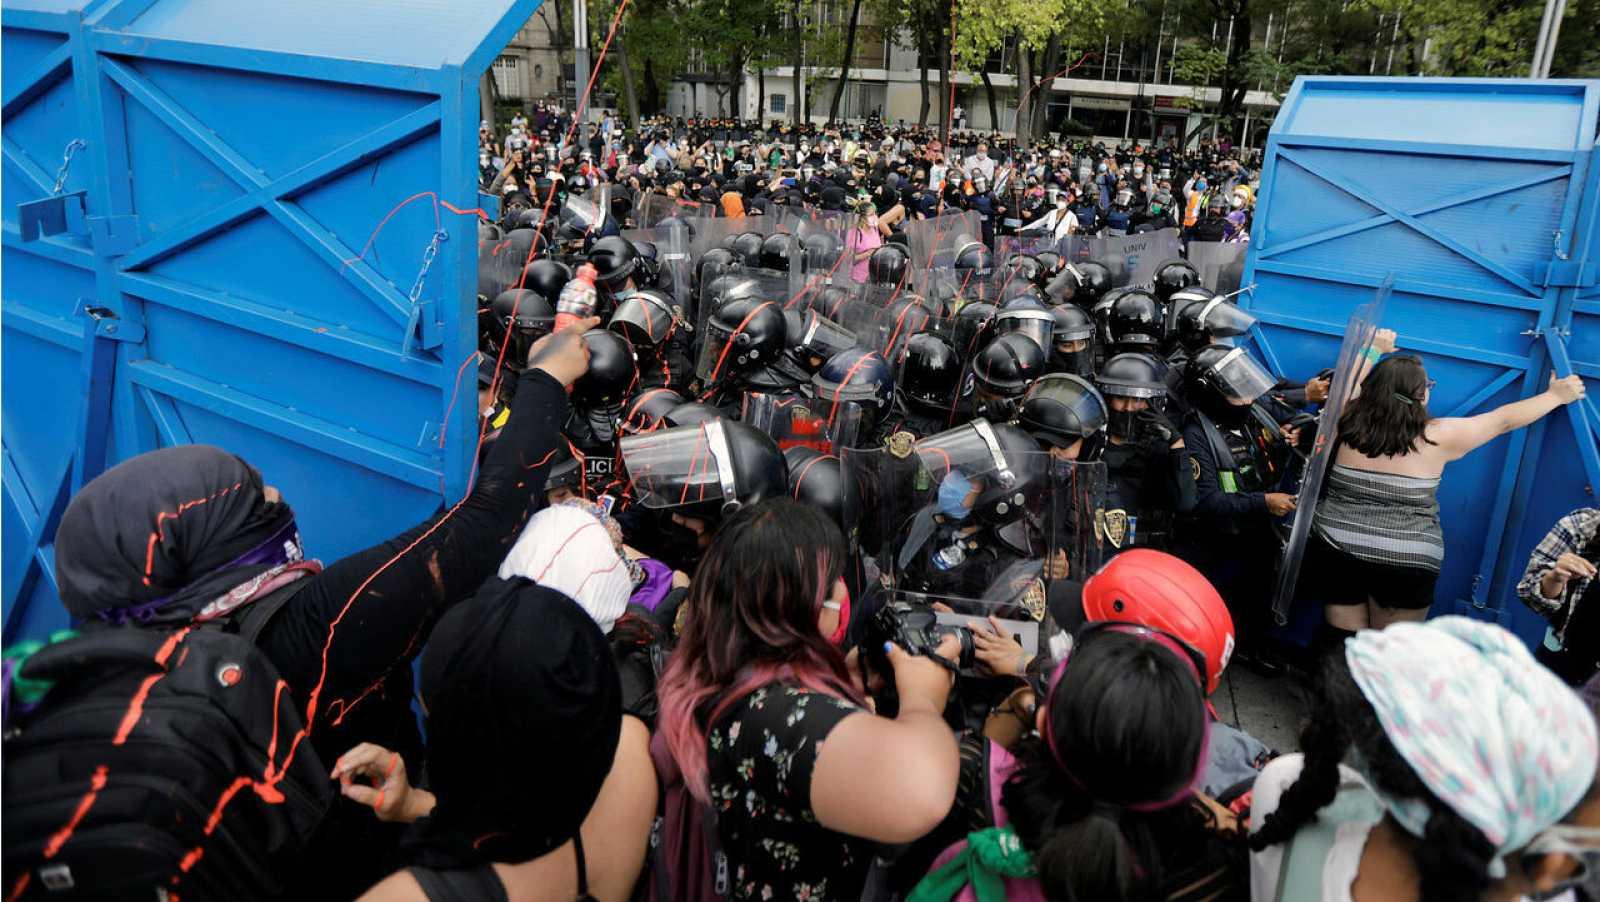 Manifestantes intentan romper una barricada mientras intentan marchar hacia un monumento durante una marcha exigiendo justicia para las víctimas de violencia de género y feminicidios en la Ciudad de México, México